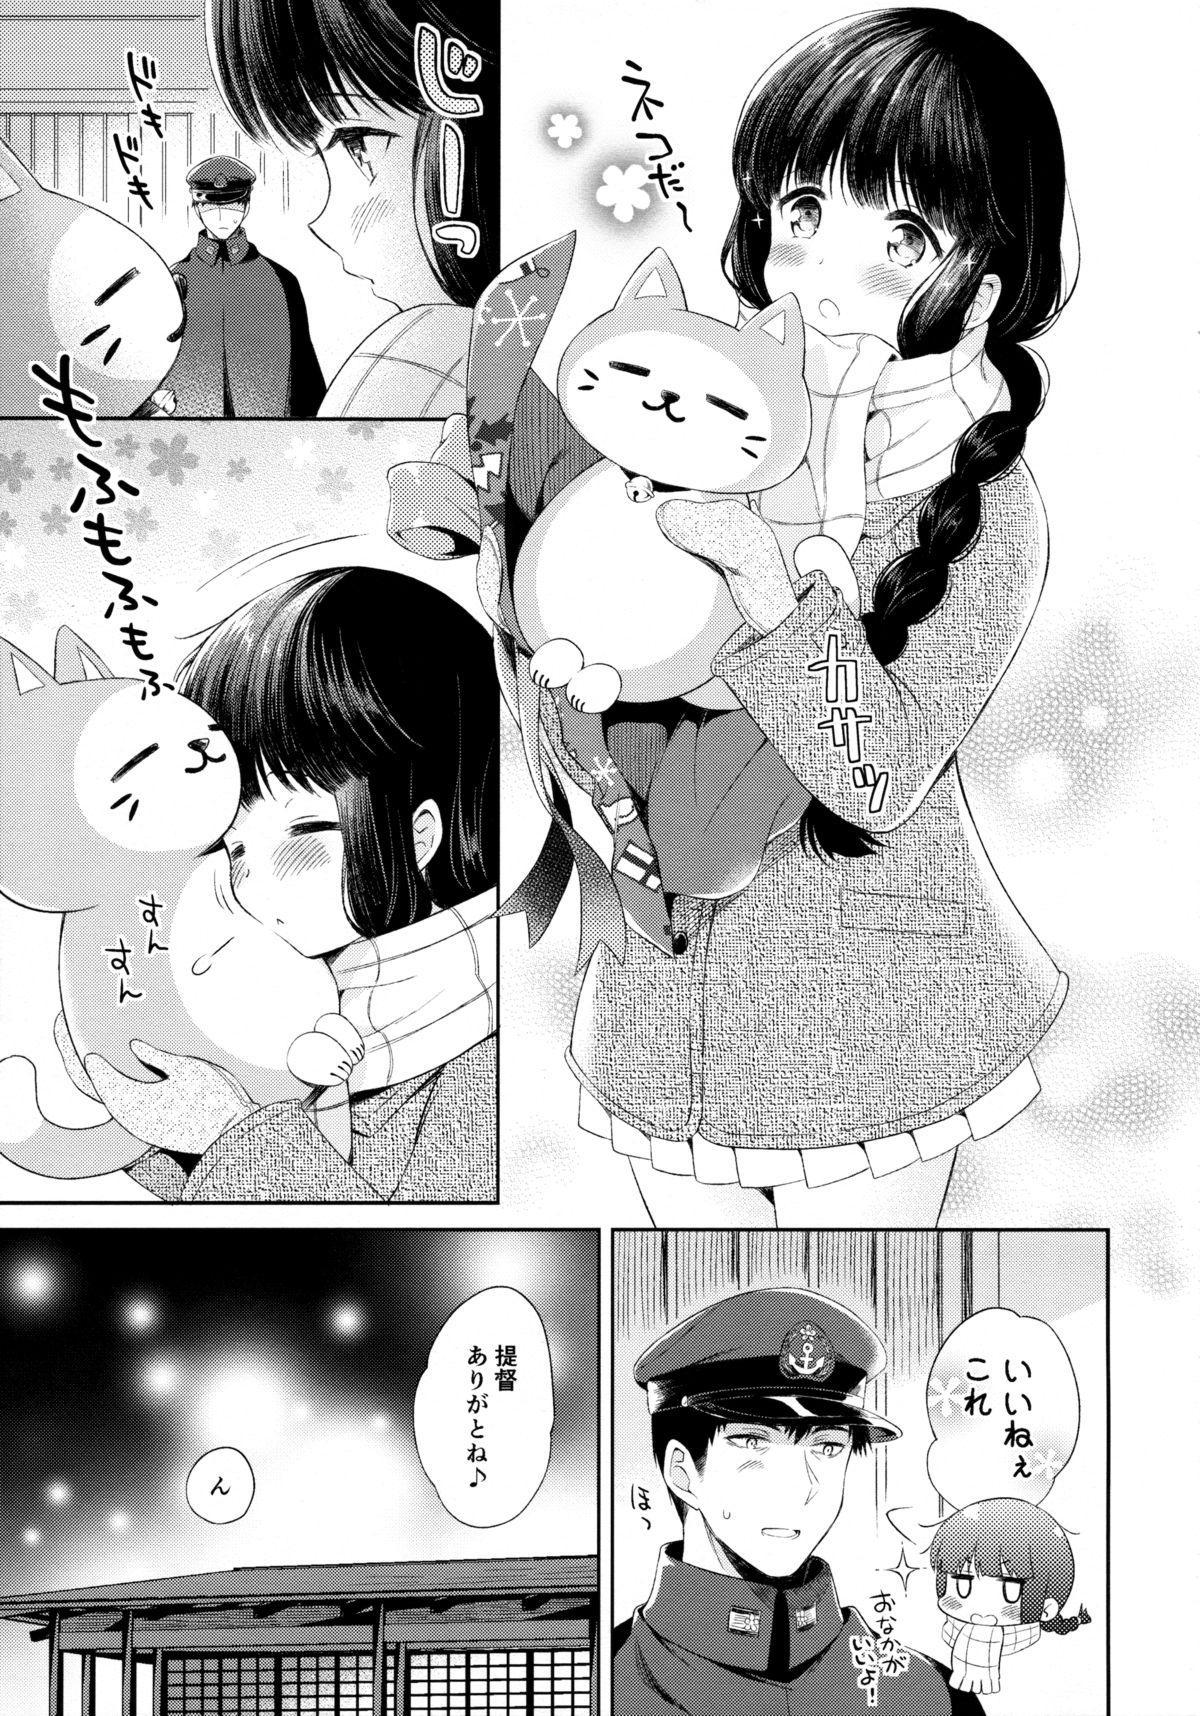 Kitakami-san to Teitoku ga Zutto Issho ni Kurasu Ohanashi. 7